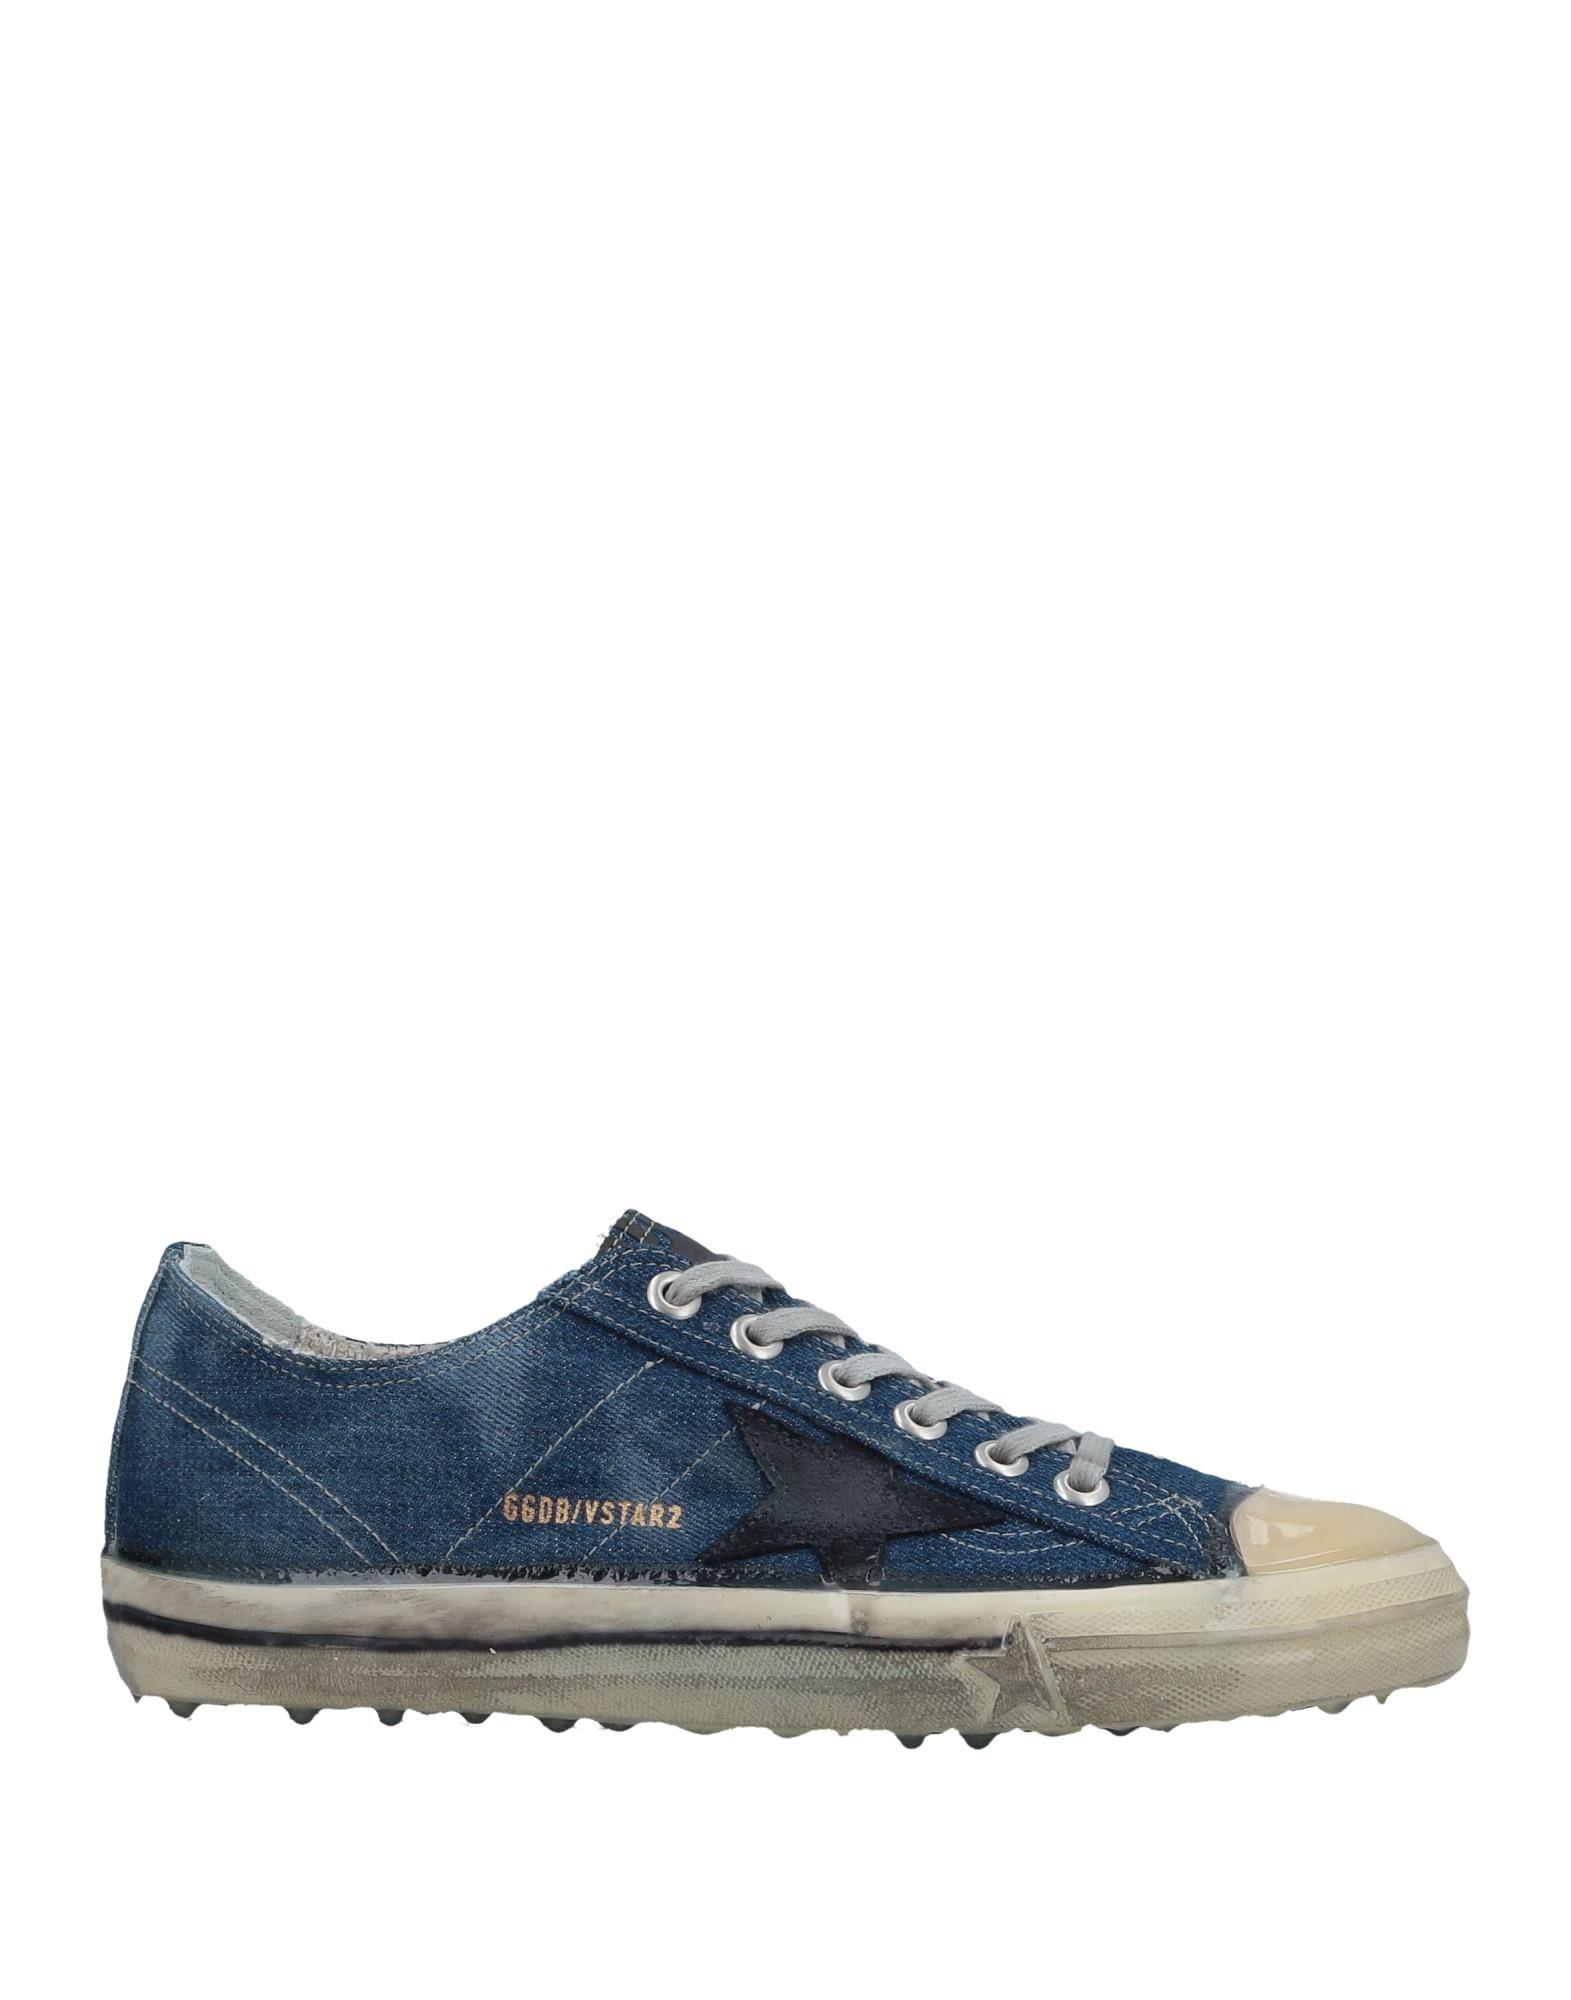 Golden Goose Deluxe Brand Sneakers Herren  11509958QM Gute Qualität beliebte Schuhe